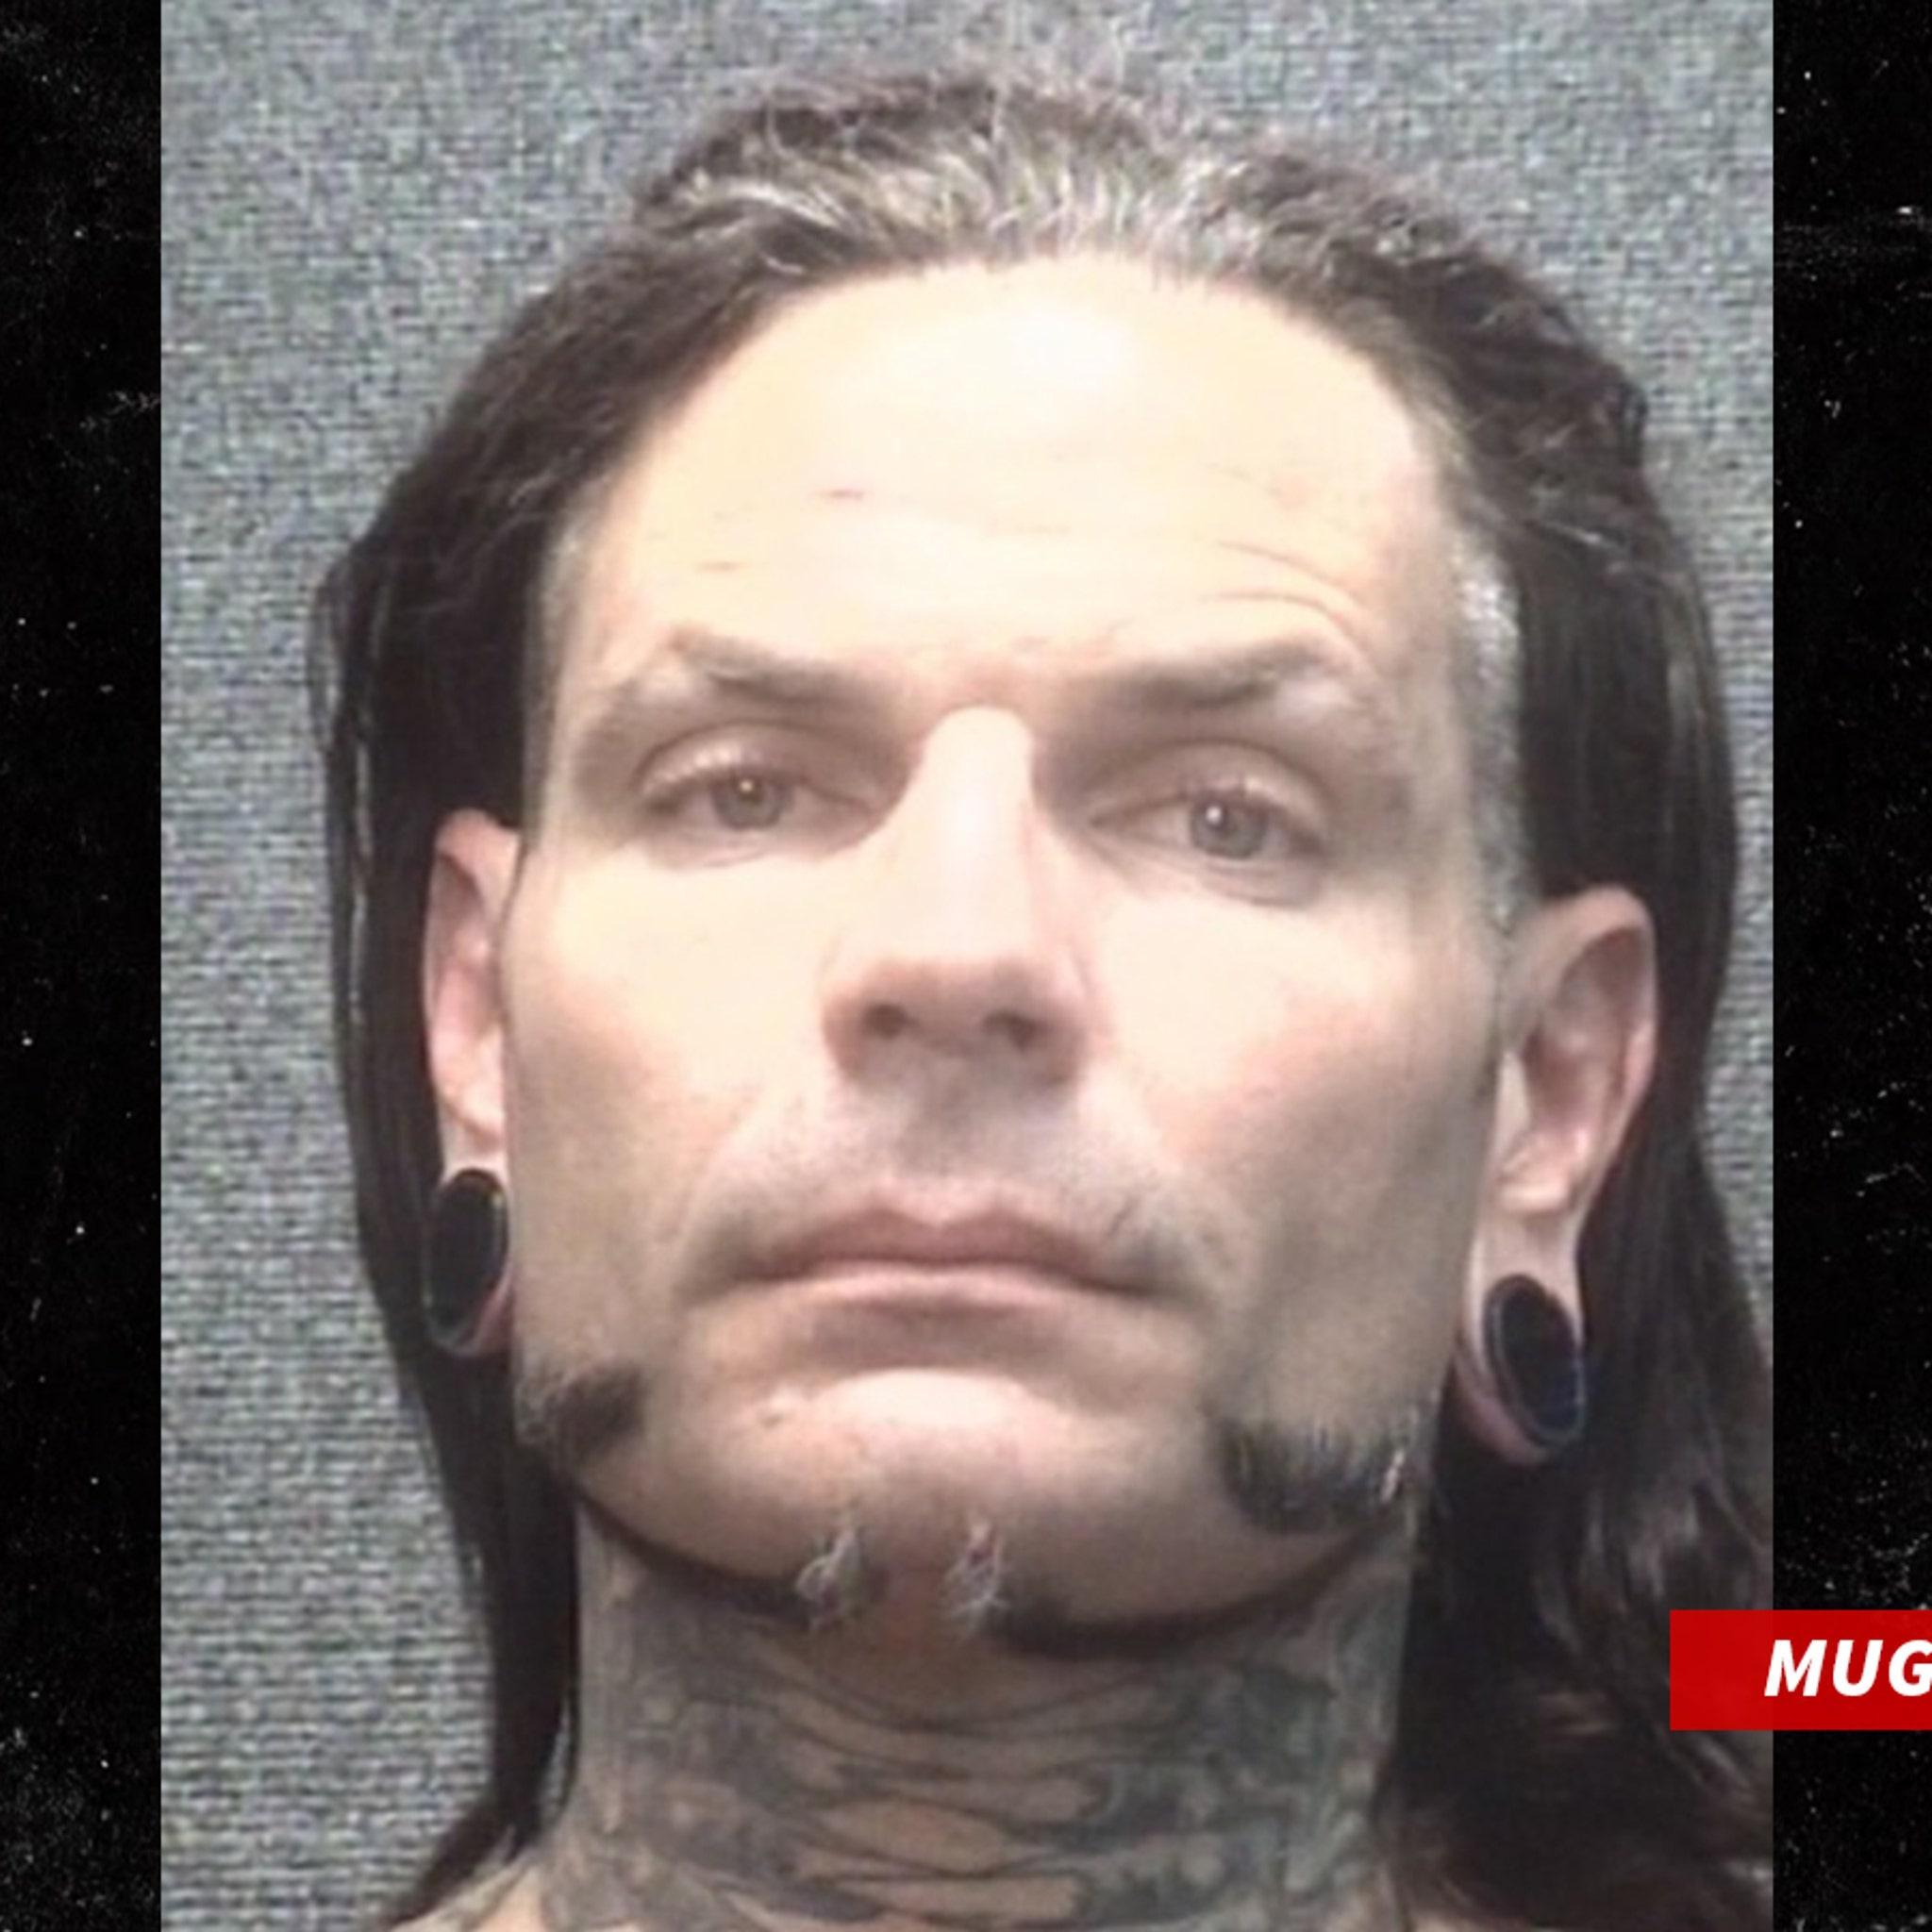 WWE Wrestler Jeff Hardy Arrested for Drunk in Public